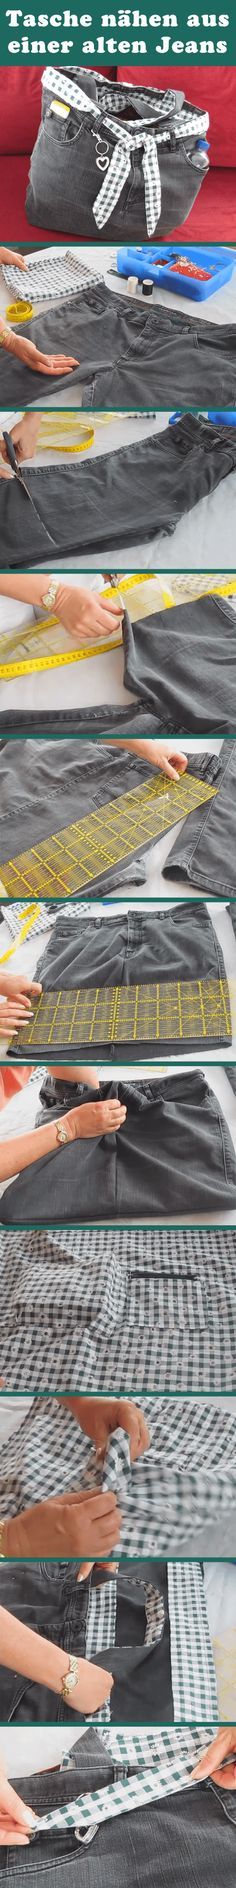 Aus einer alten Jenas kannst Du eine origenelle Tasche nähen. #Upcycling #Cheznu.tv http://cheznu.tv/familymanagement/diy-einfache-tasche-naehen-aus-einer-alten-jeans-fuer-naehanfaenger/